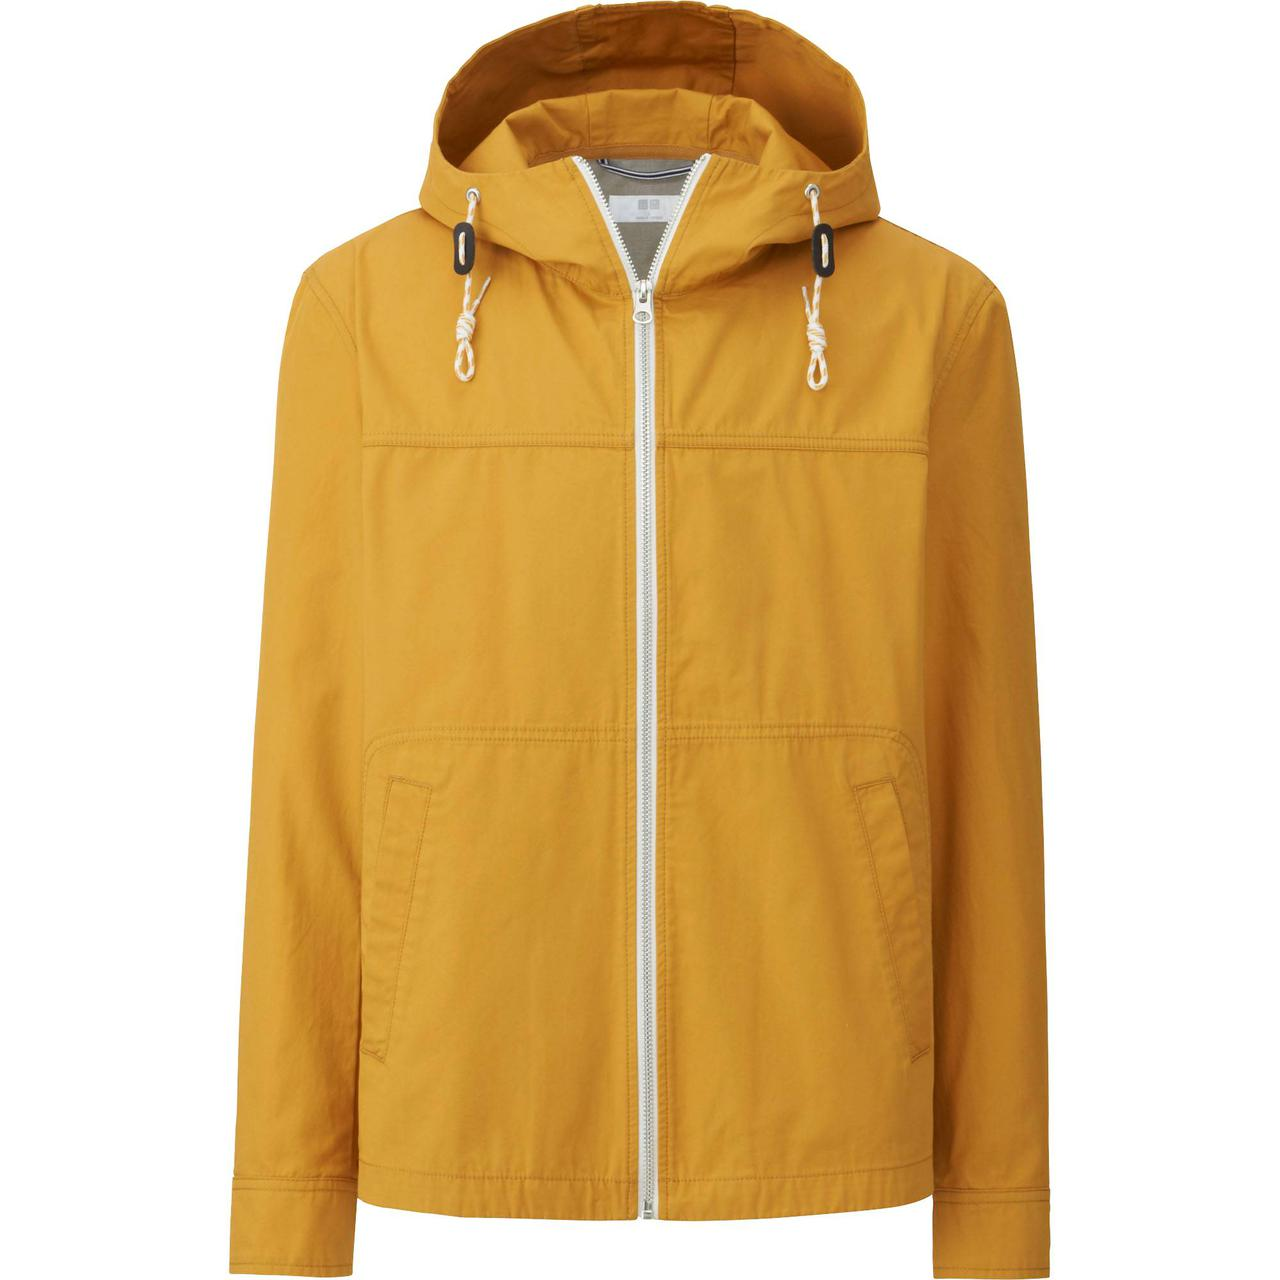 Куртка Uniqlo Men Cotton Zip-Up Hoodie YELLOW